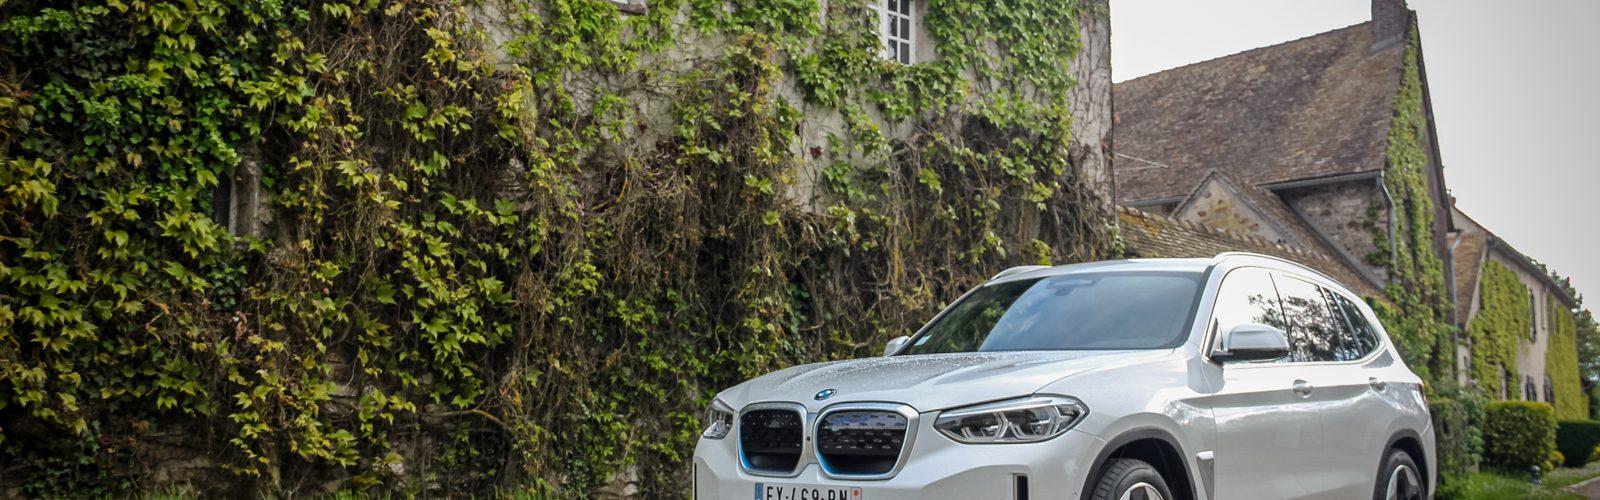 Essai BMW iX3 Titre